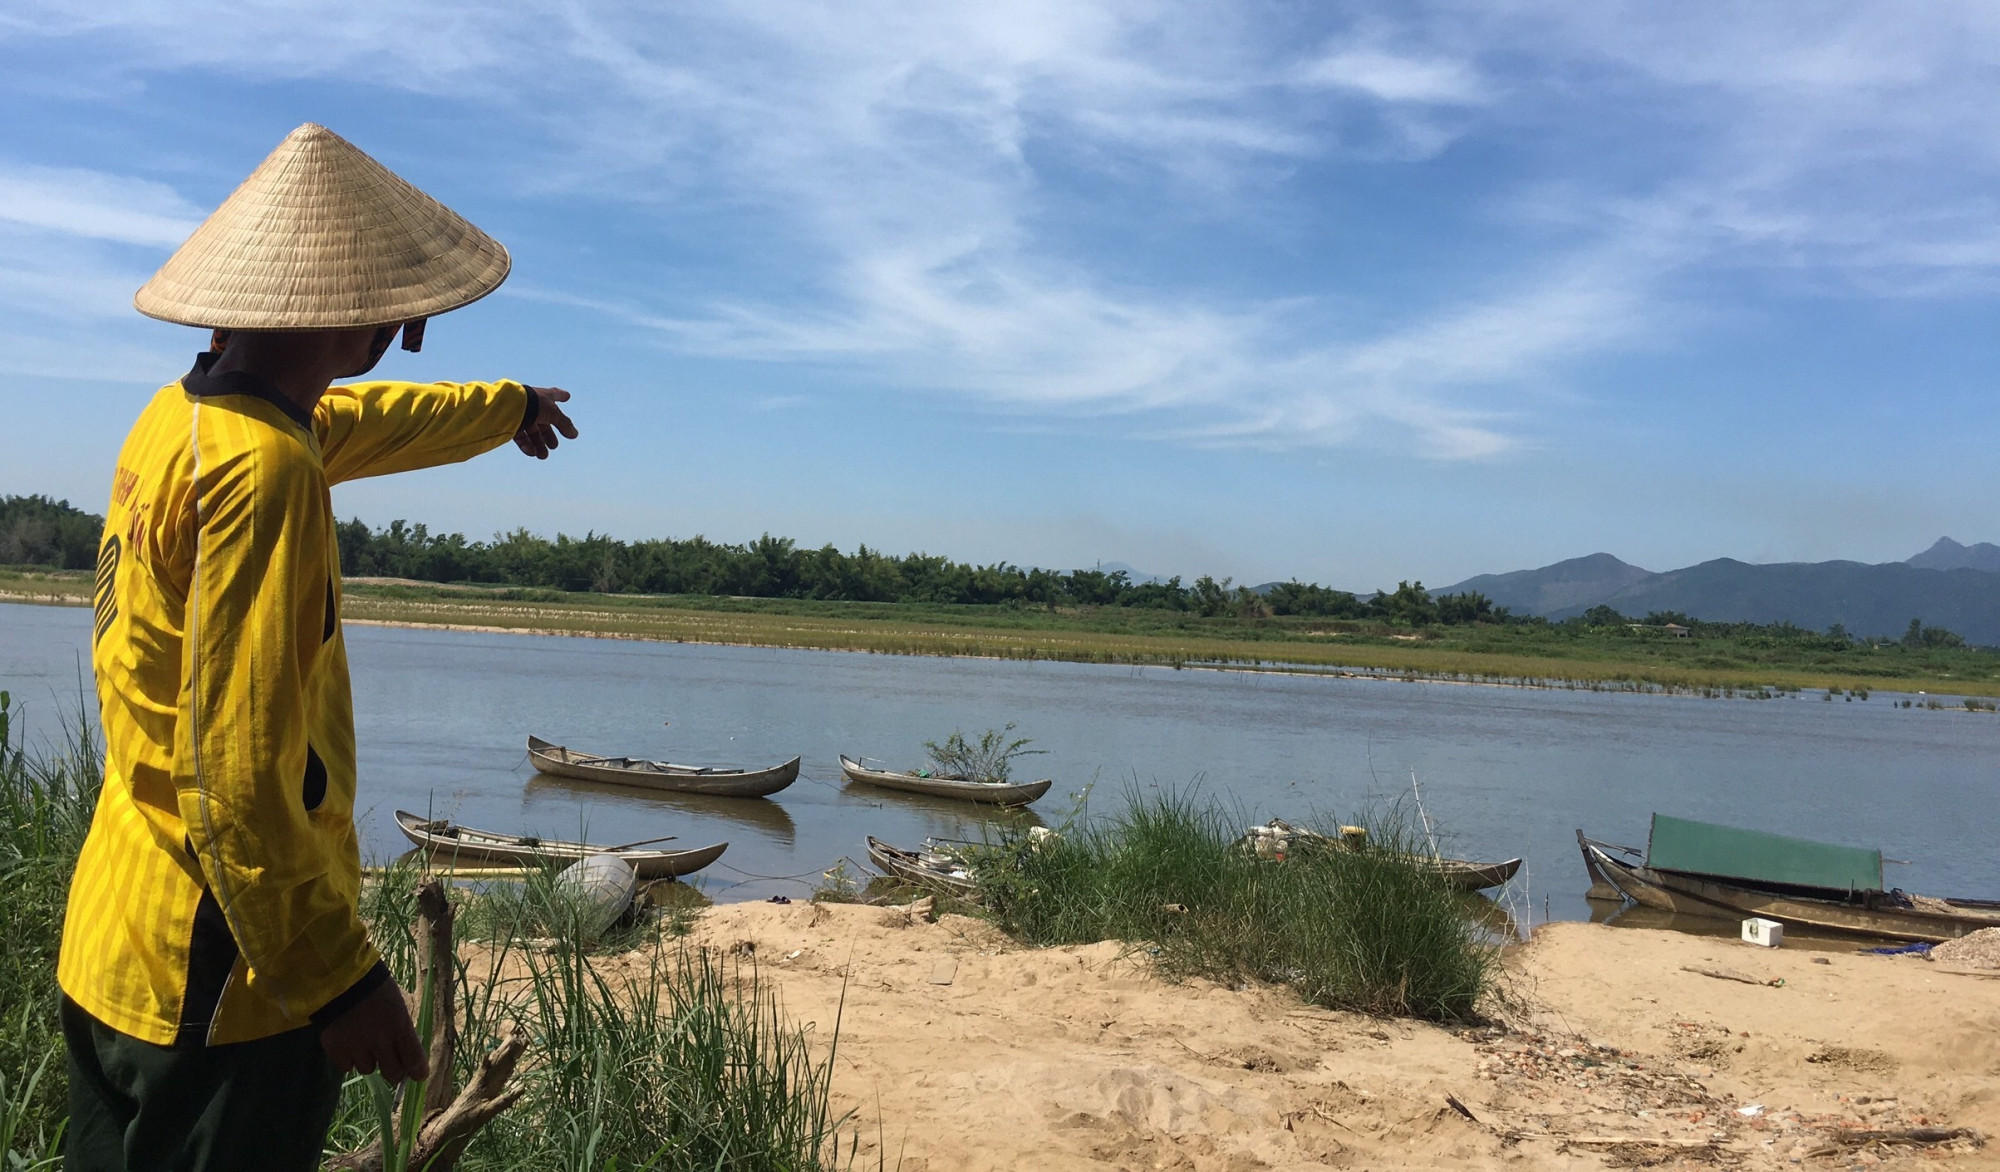 Đoạn sông, nơi xảy ra vụ việc thương tâm